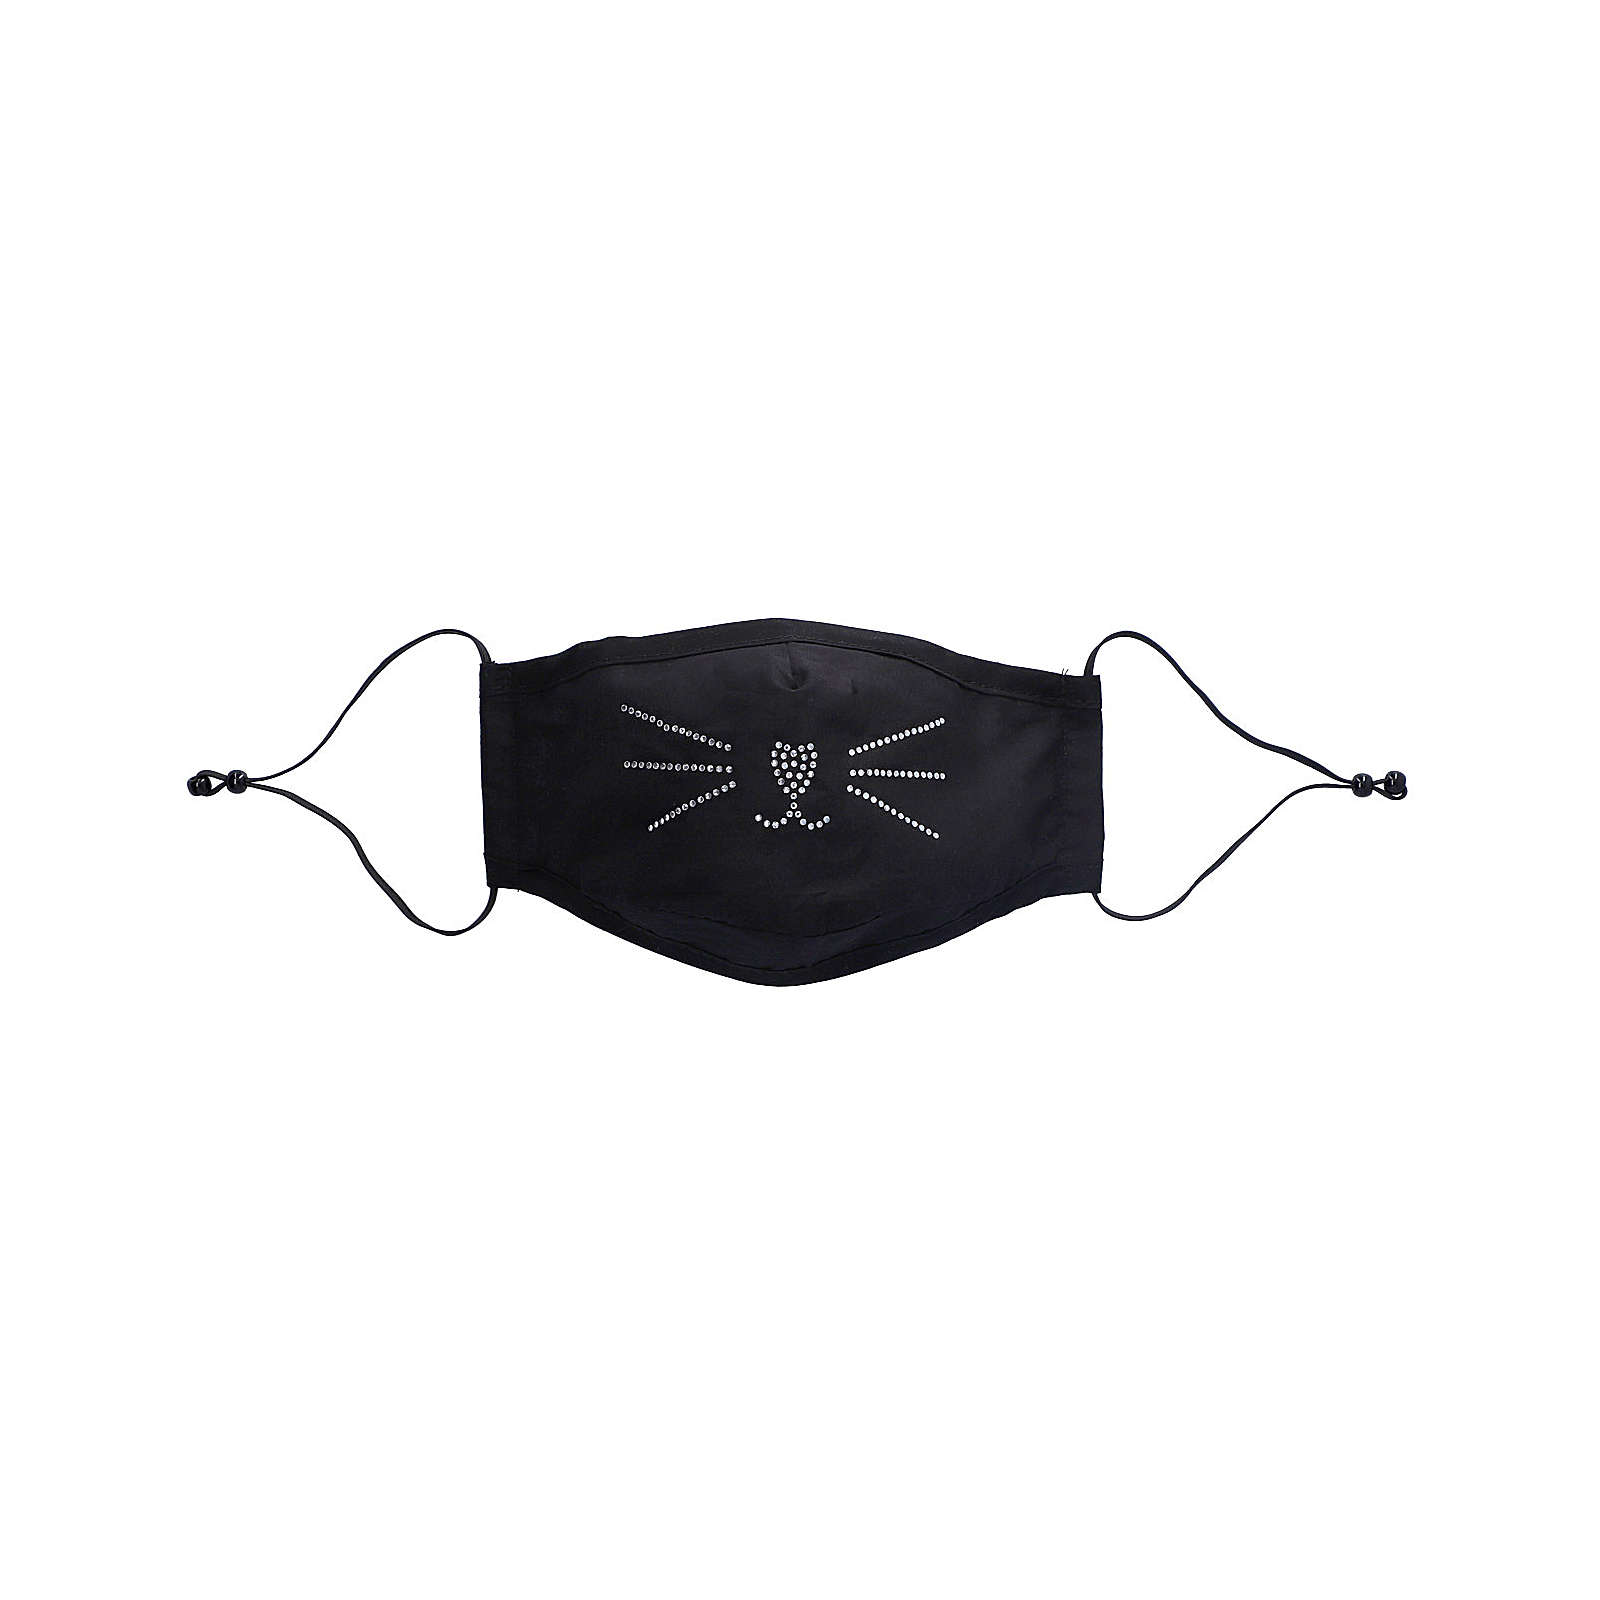 SIX Mund-Nasen-Maske Mund-Nasen-Masken schwarz Damen Gr. one size